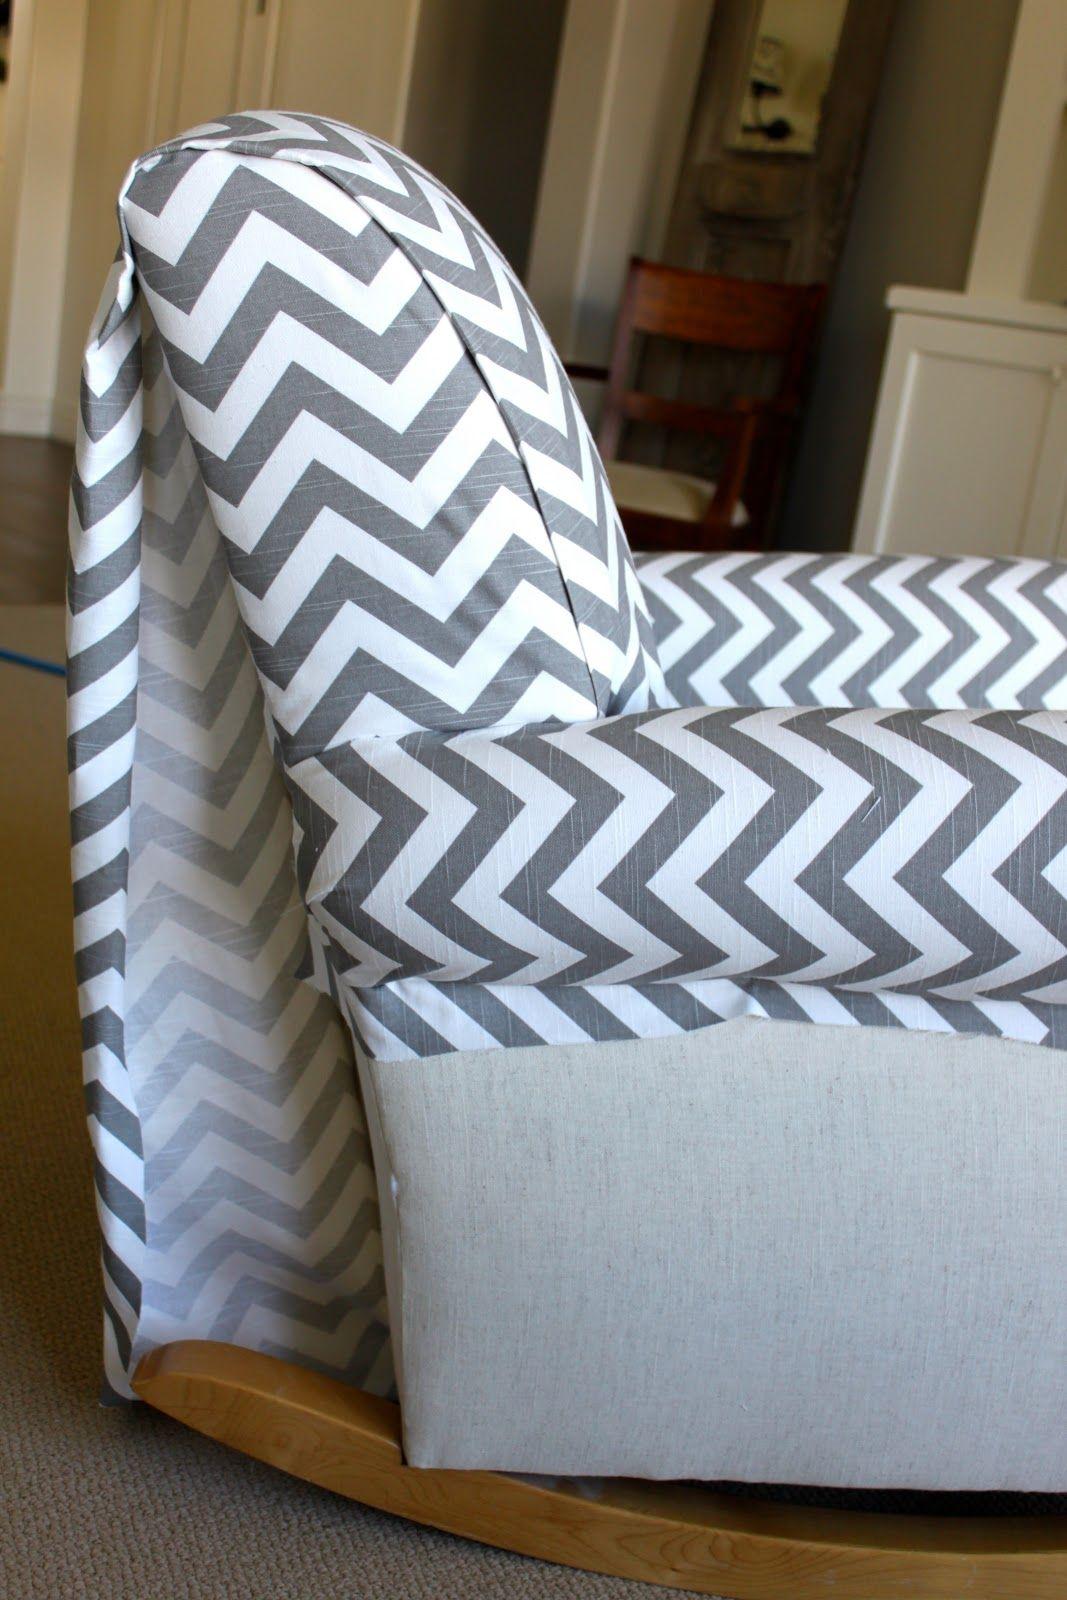 Amy S Casablanca Quick And Easy Upholstery Mobilier De Salon Refaire Les Meubles Et Relooking De Mobilier